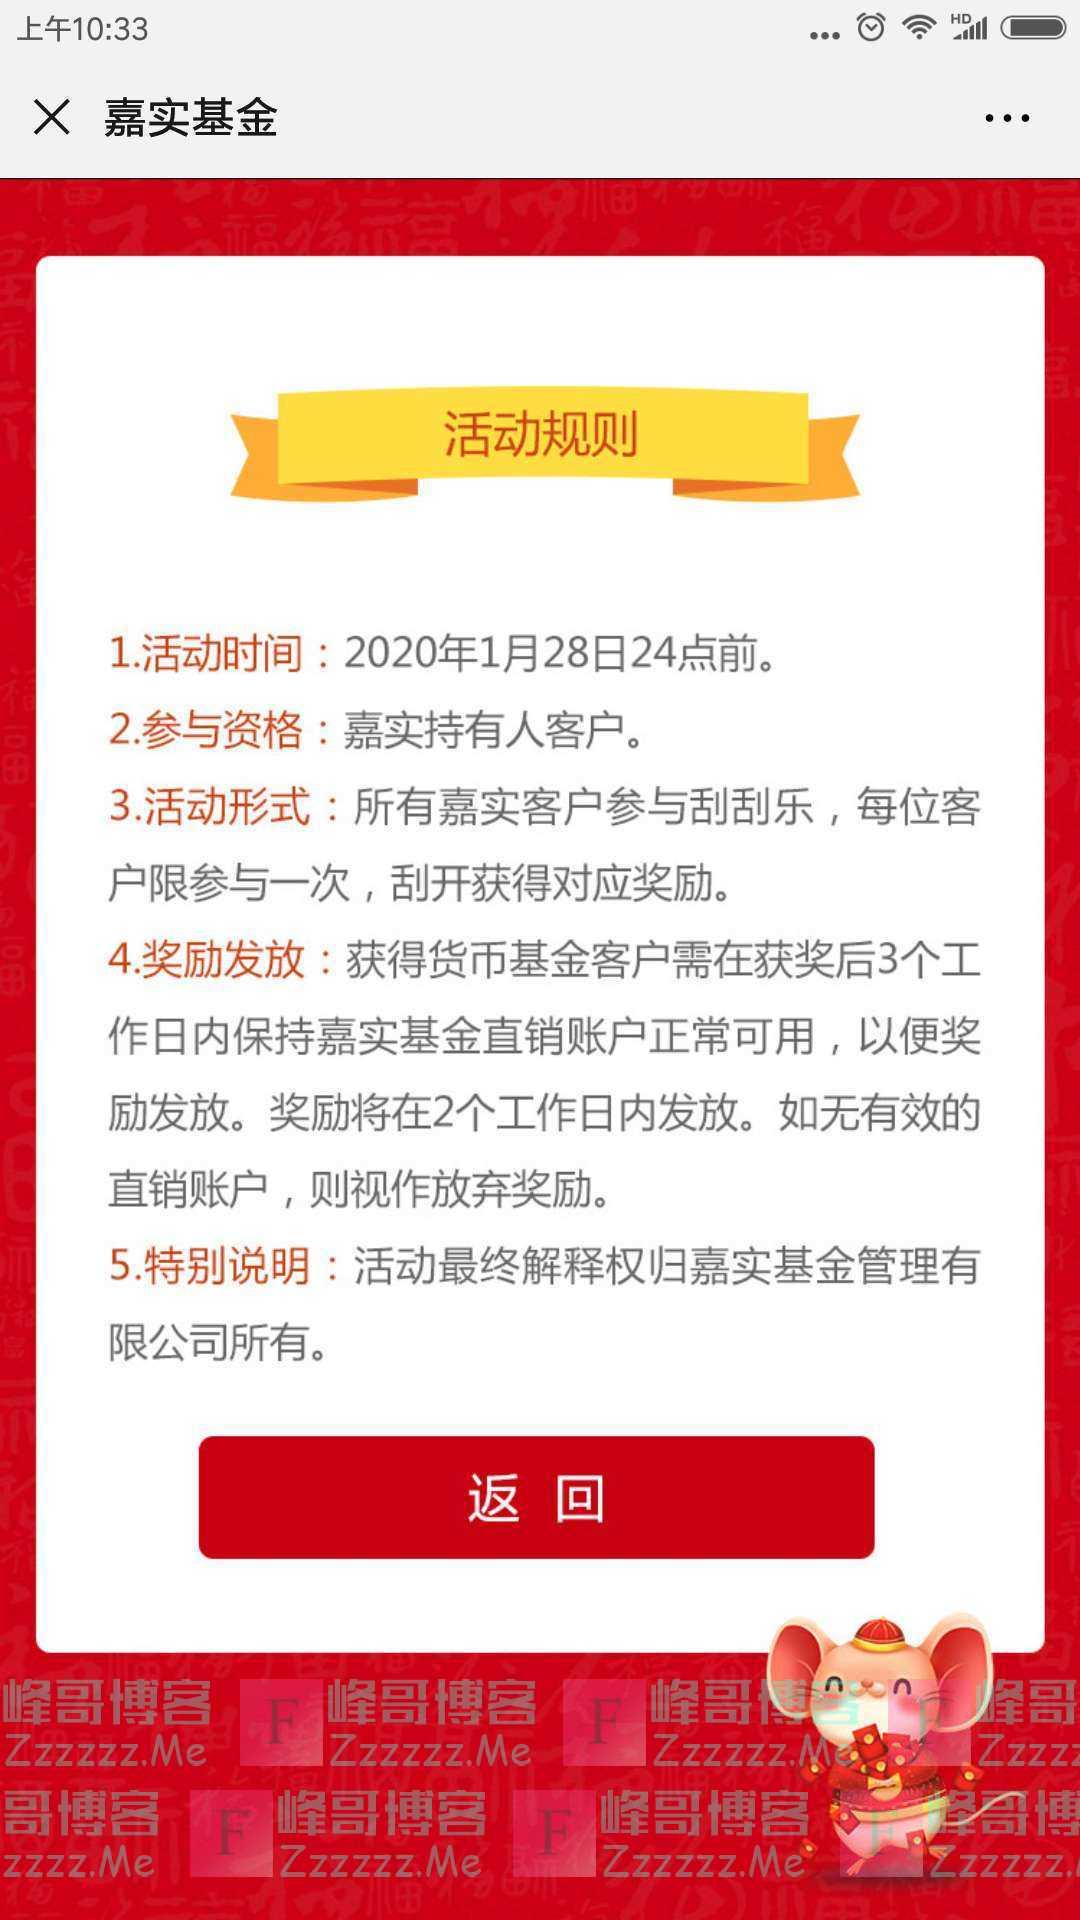 嘉实基金领红包过福年(截止1月28日)